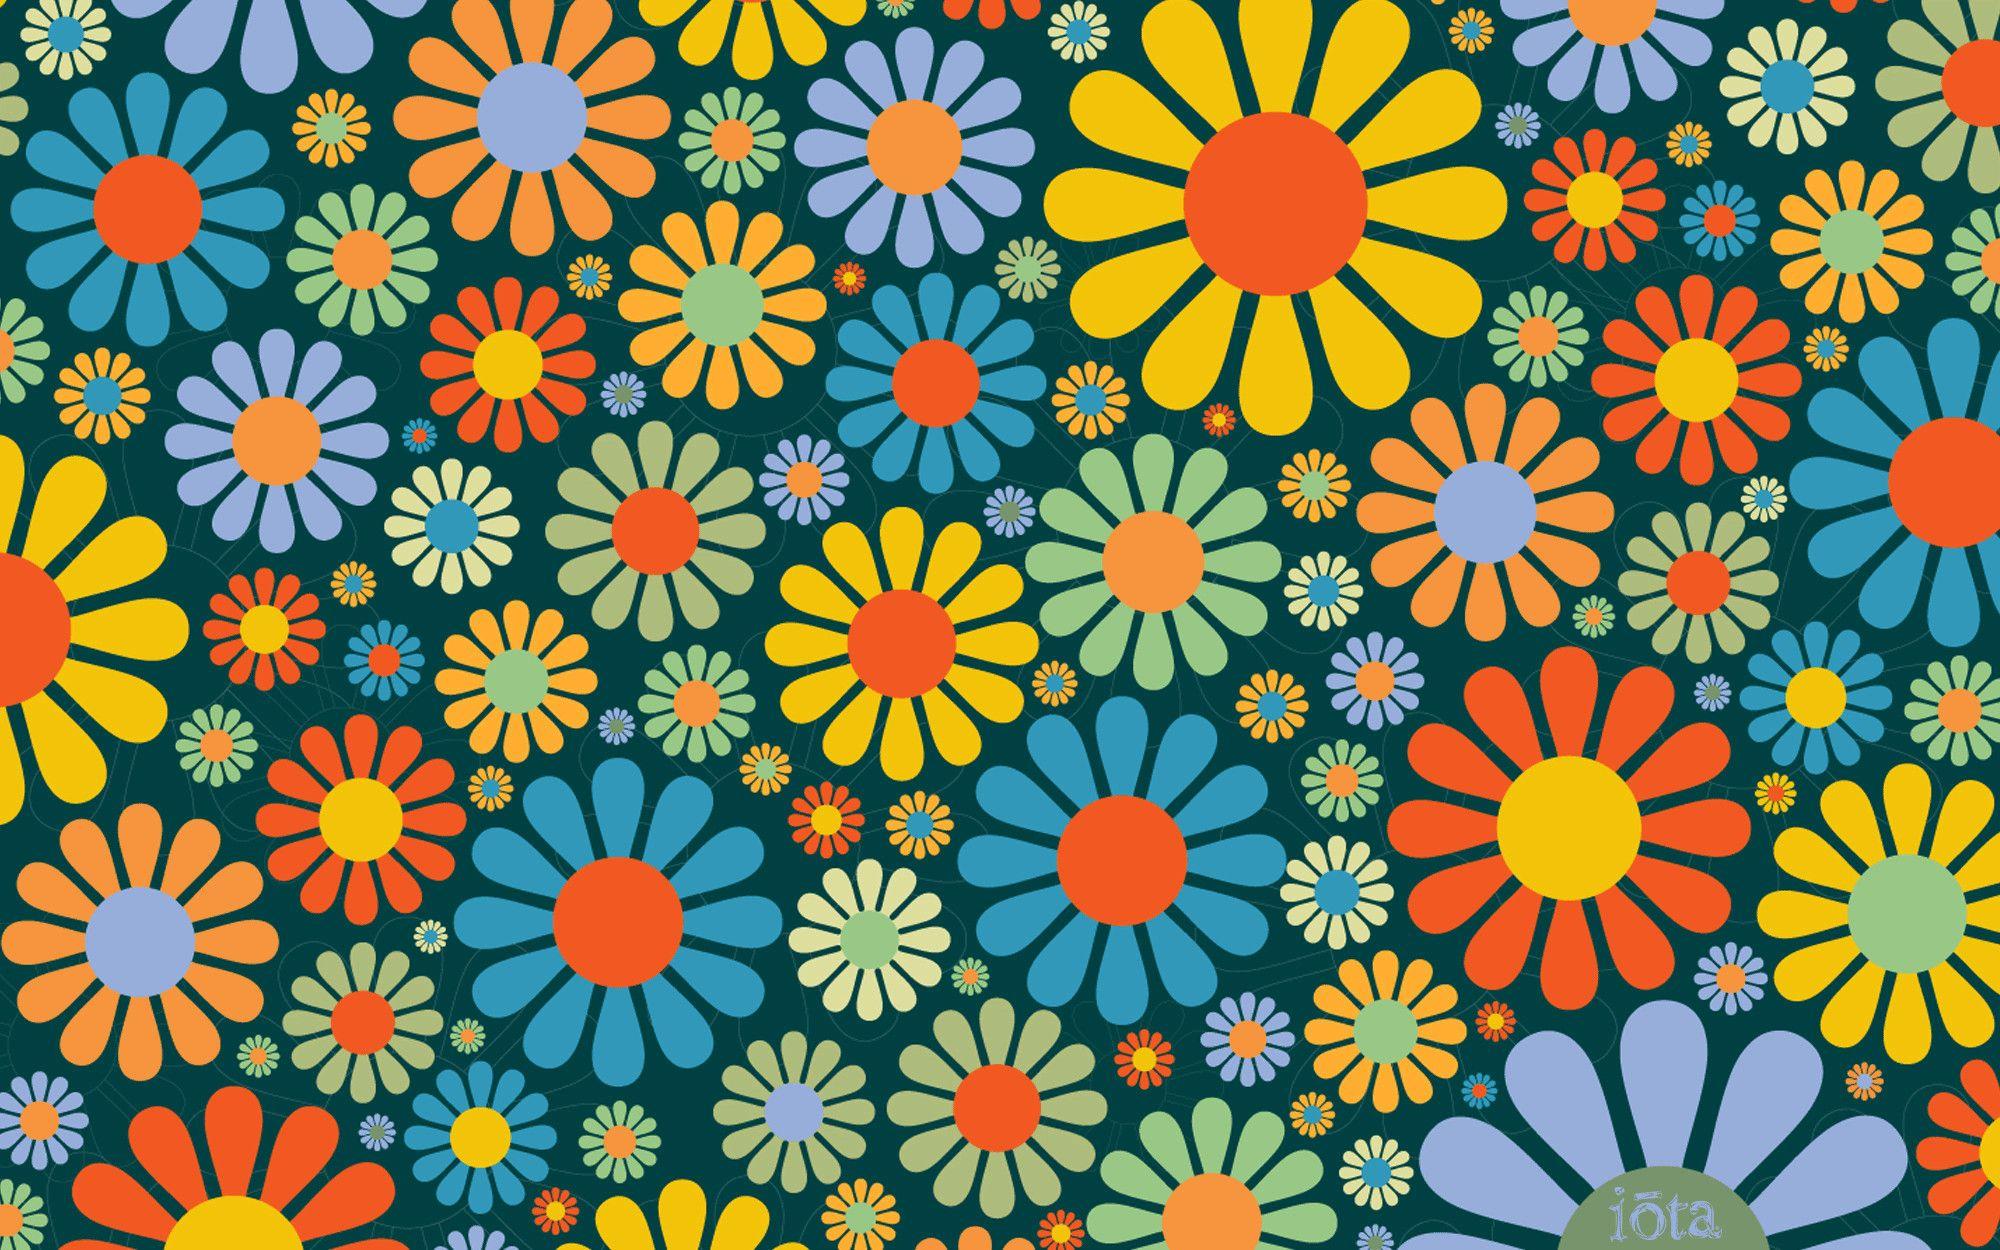 70s Desktop Wallpapers   Top 70s Desktop Backgrounds 2000x1250